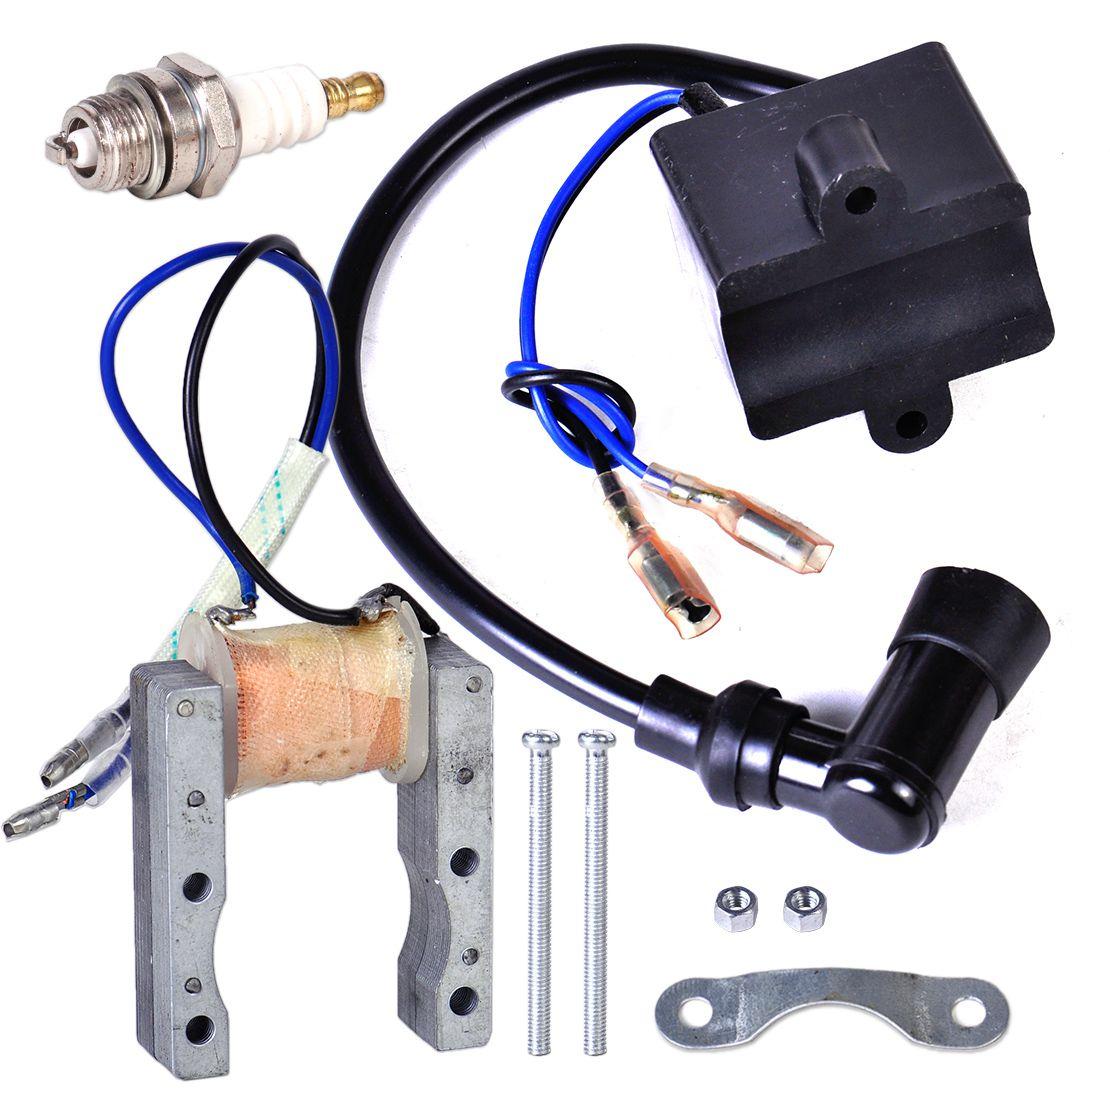 Катушка зажигания + катушка статора Магнето + Sparkplug для 49cc 50cc 60cc 80cc 2-тактный двигатель моторизованный велосипед